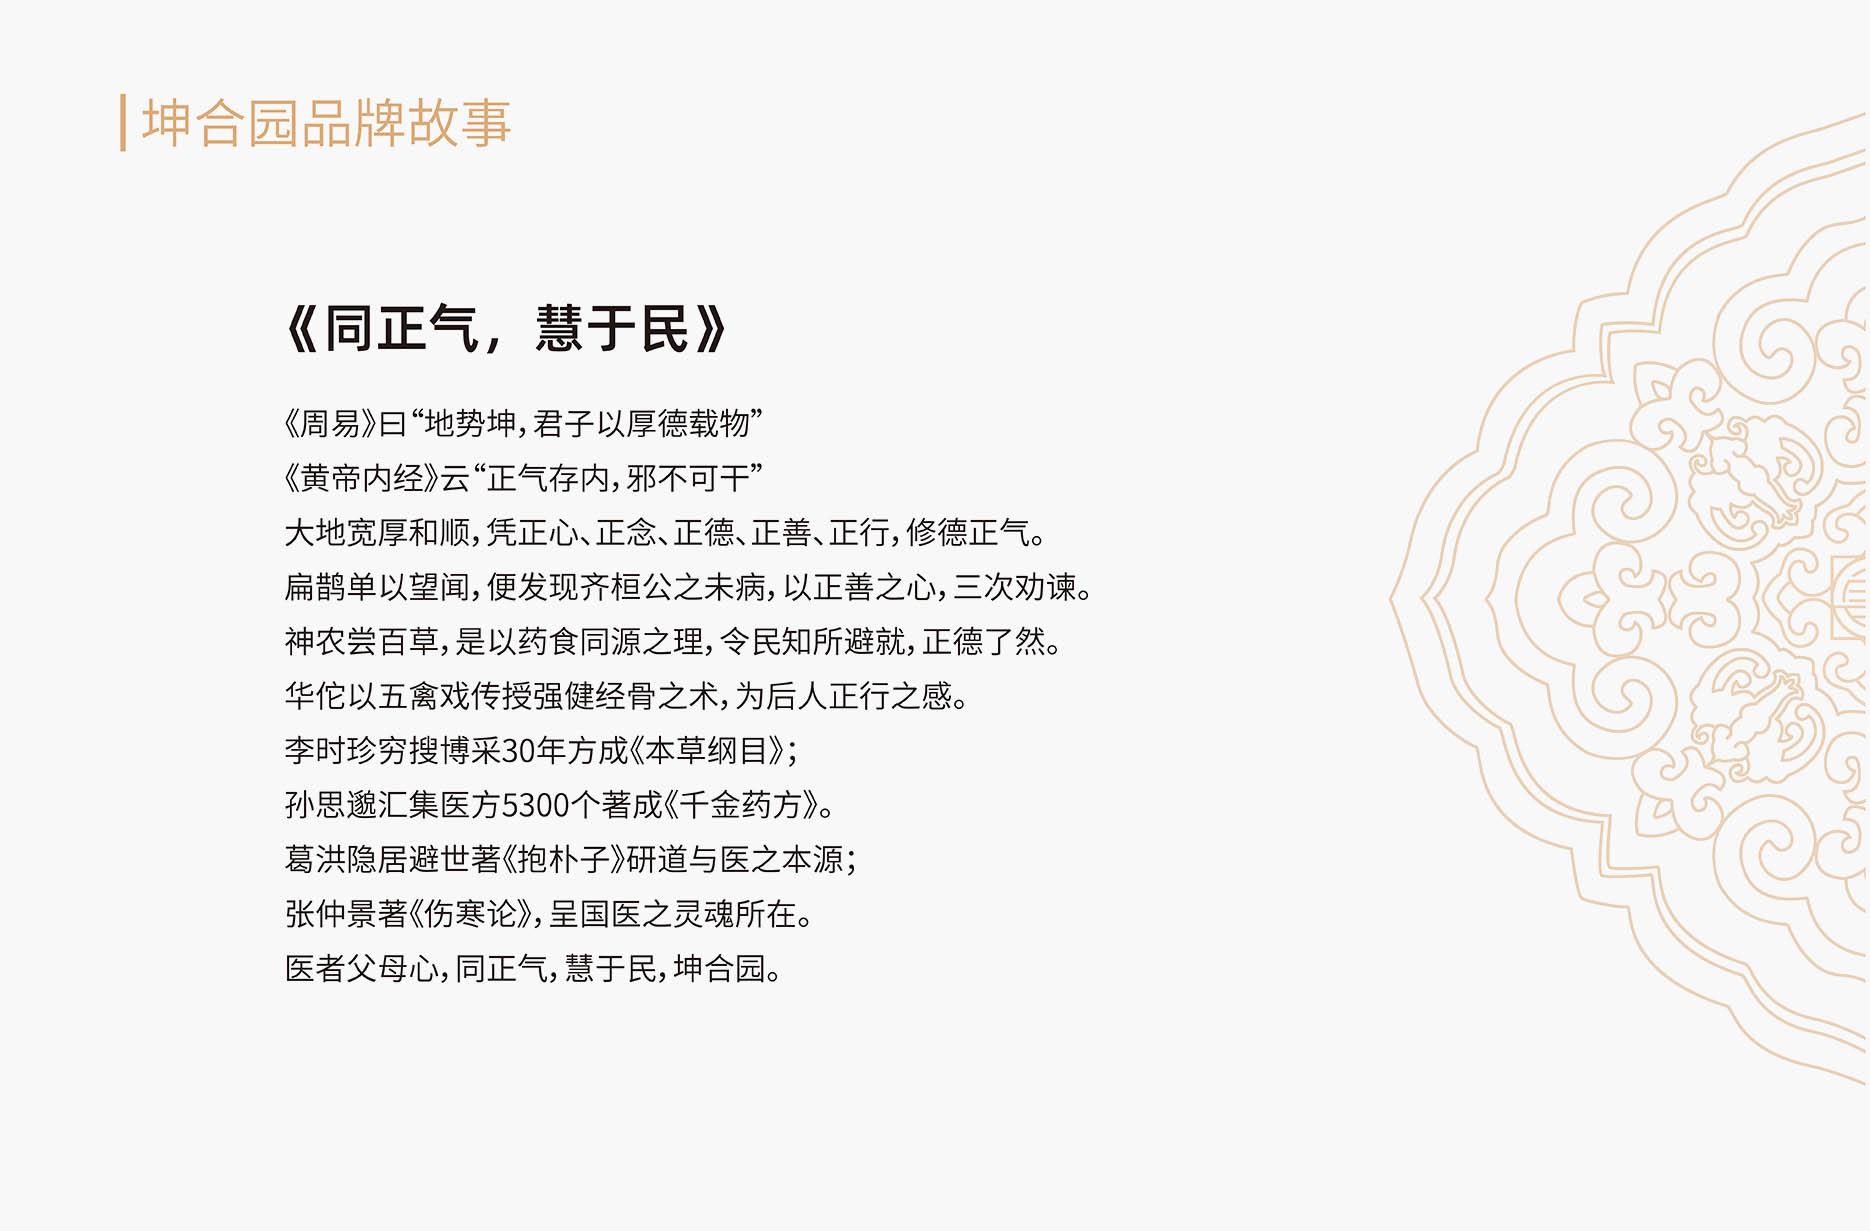 坤合园品牌故事 《同正气,慧于民》